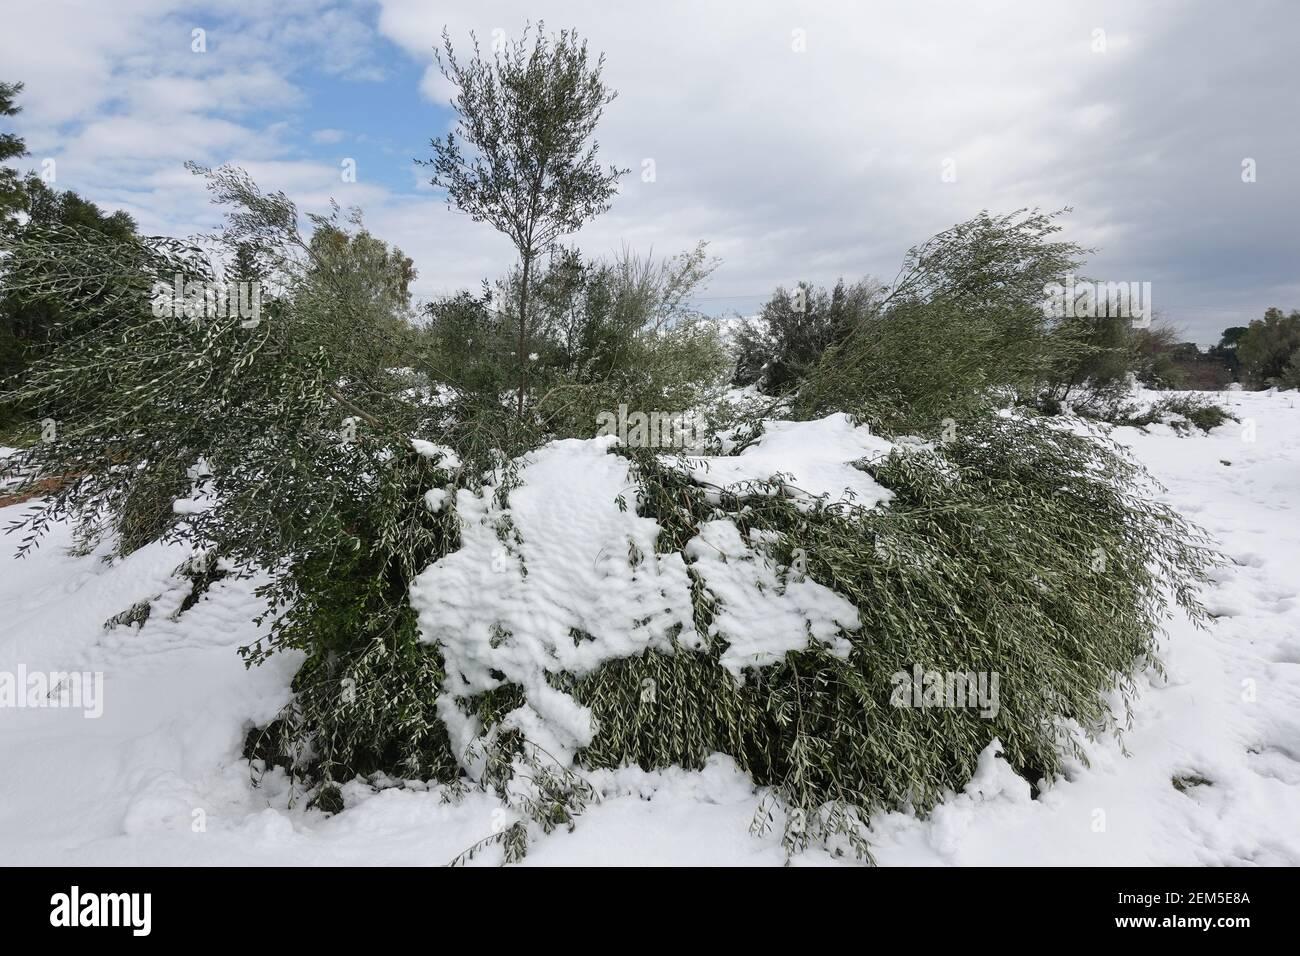 Los olivos arrasaron bajo la nieve después de la tormenta de nieve. Cosecha dañada. Foto de stock